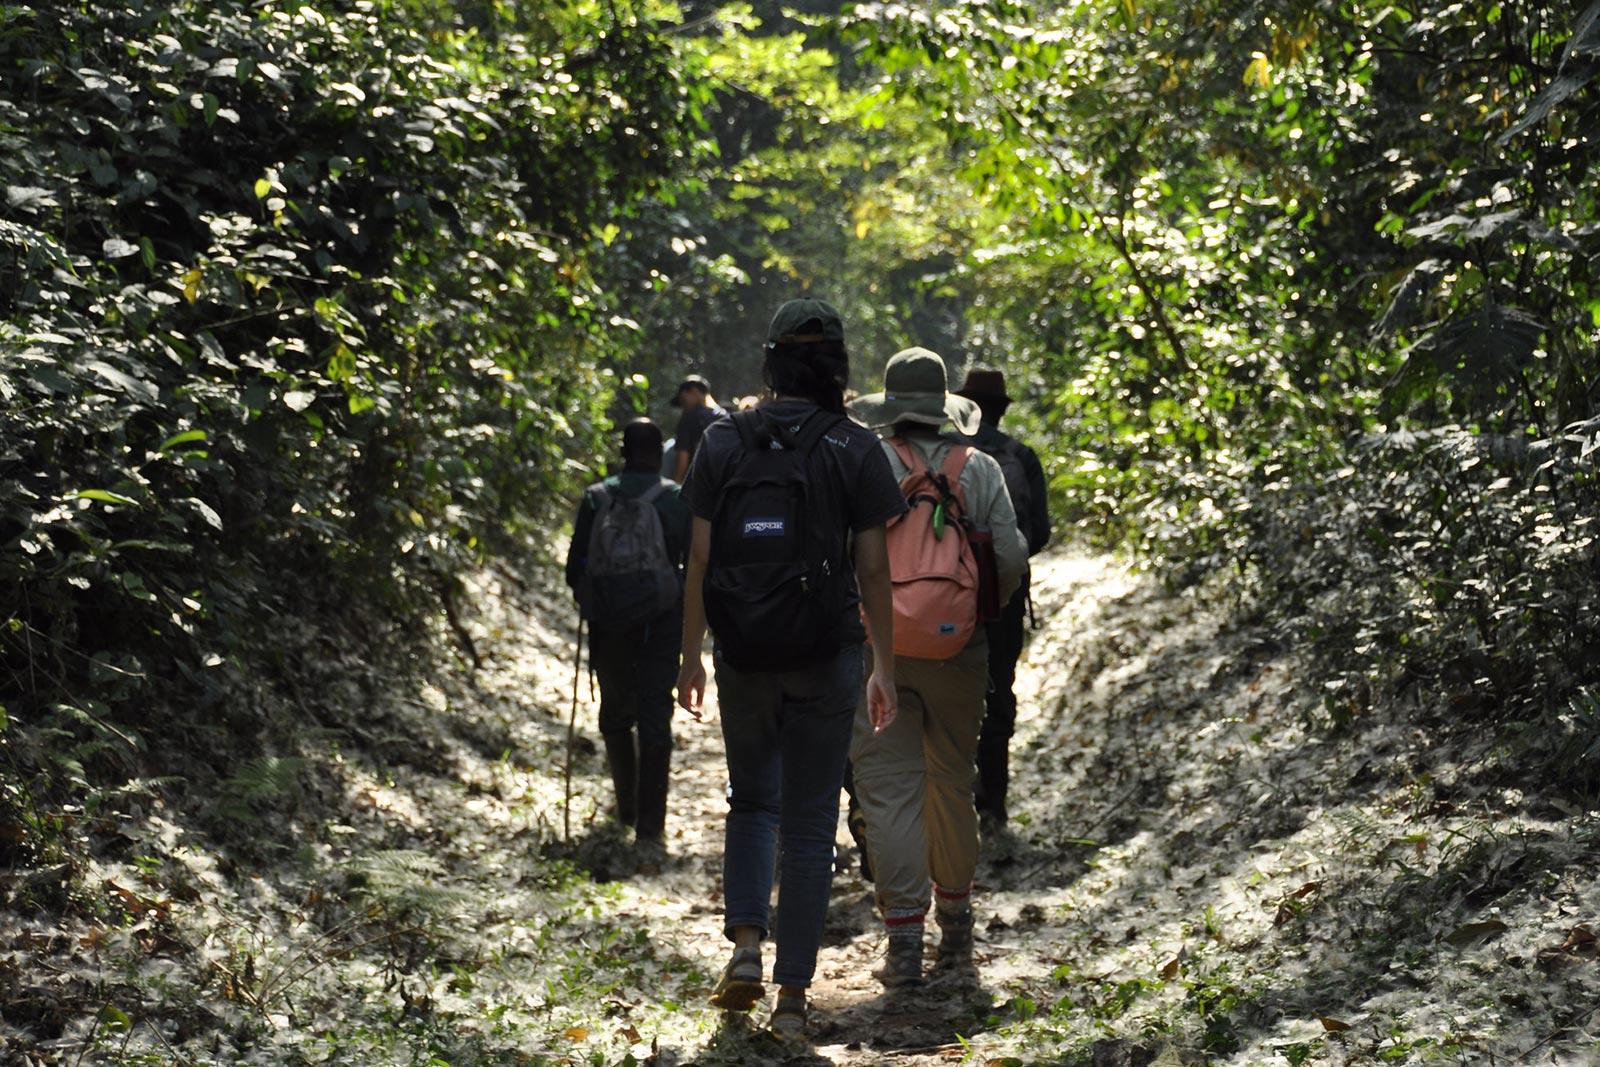 Day 7: Chimpanzee tracking and Bigodi Wetland Sanctuary